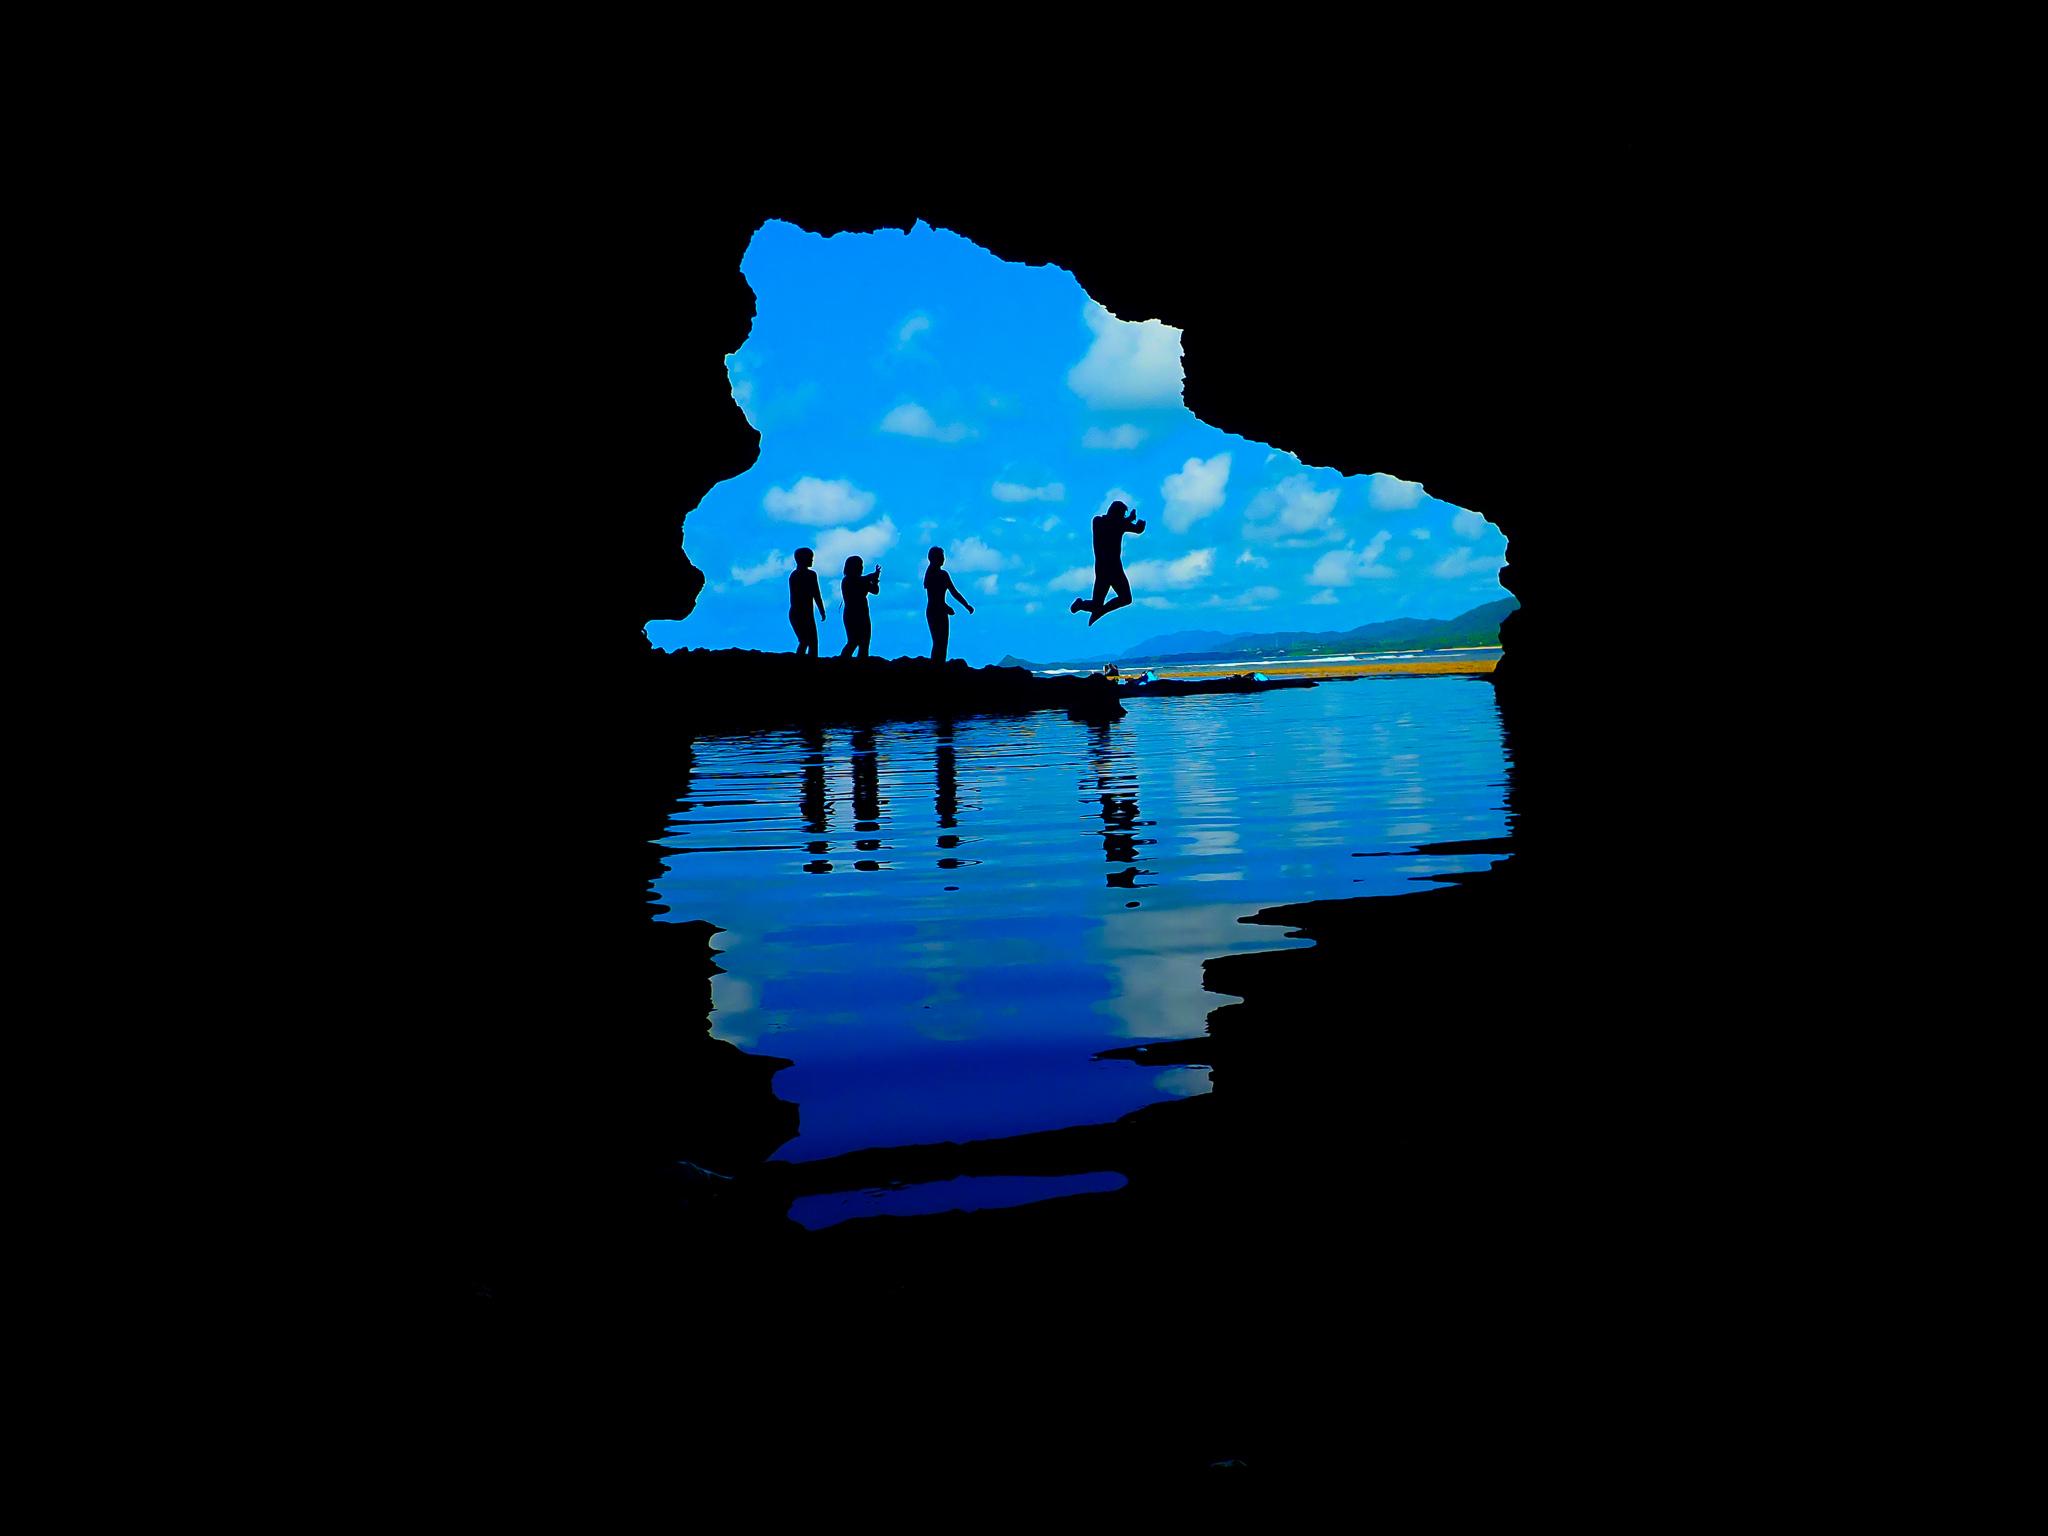 石垣島の青の洞窟シュノーケリング